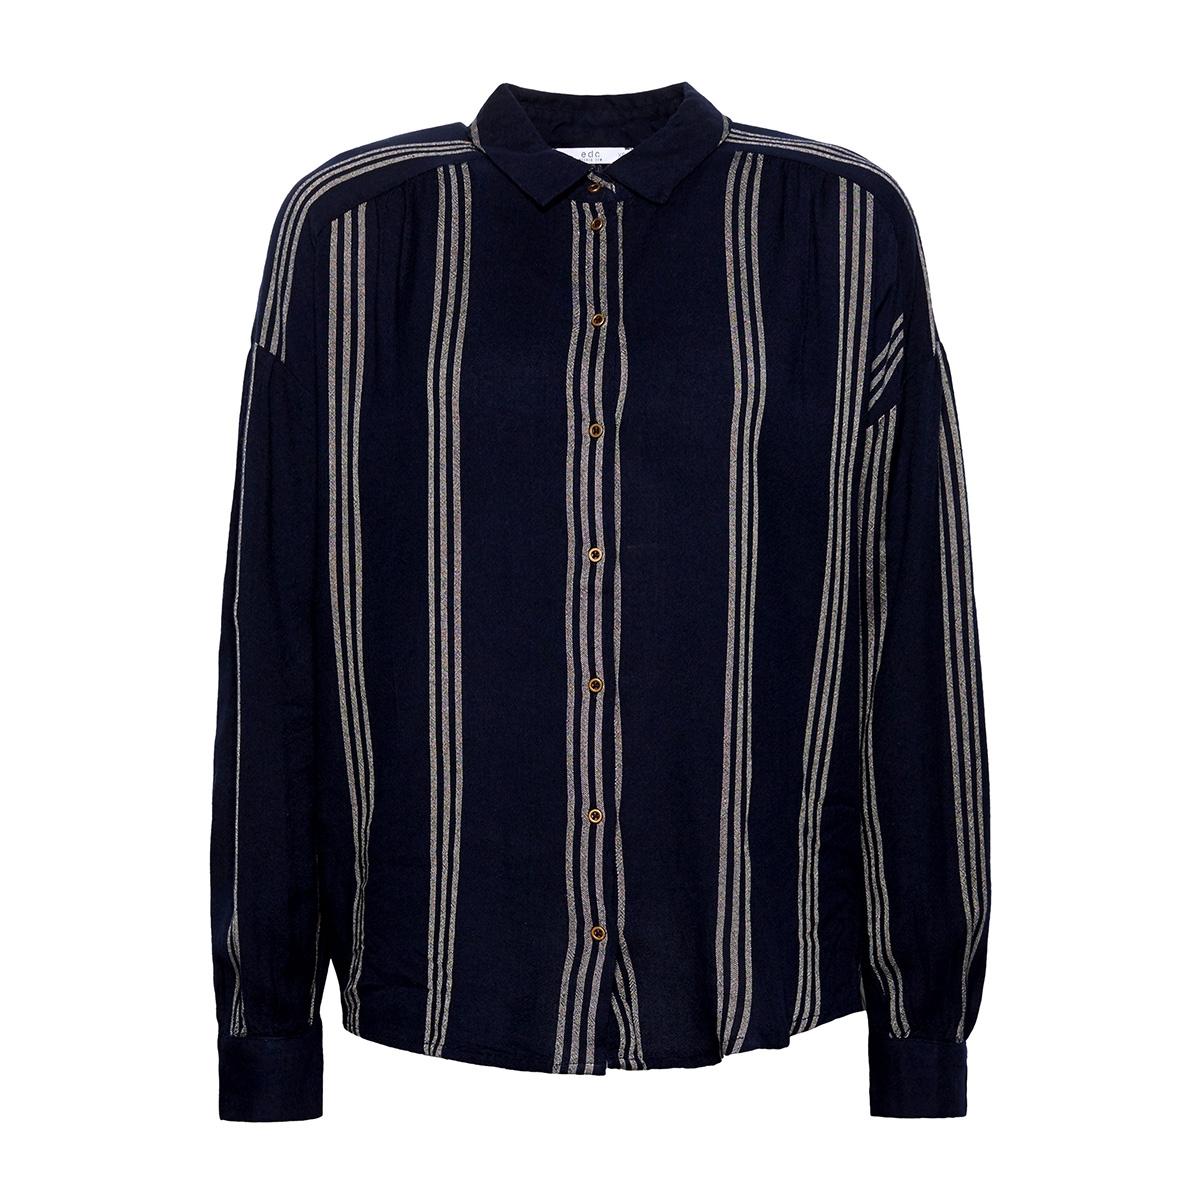 118cc1f004 edc blouse c400